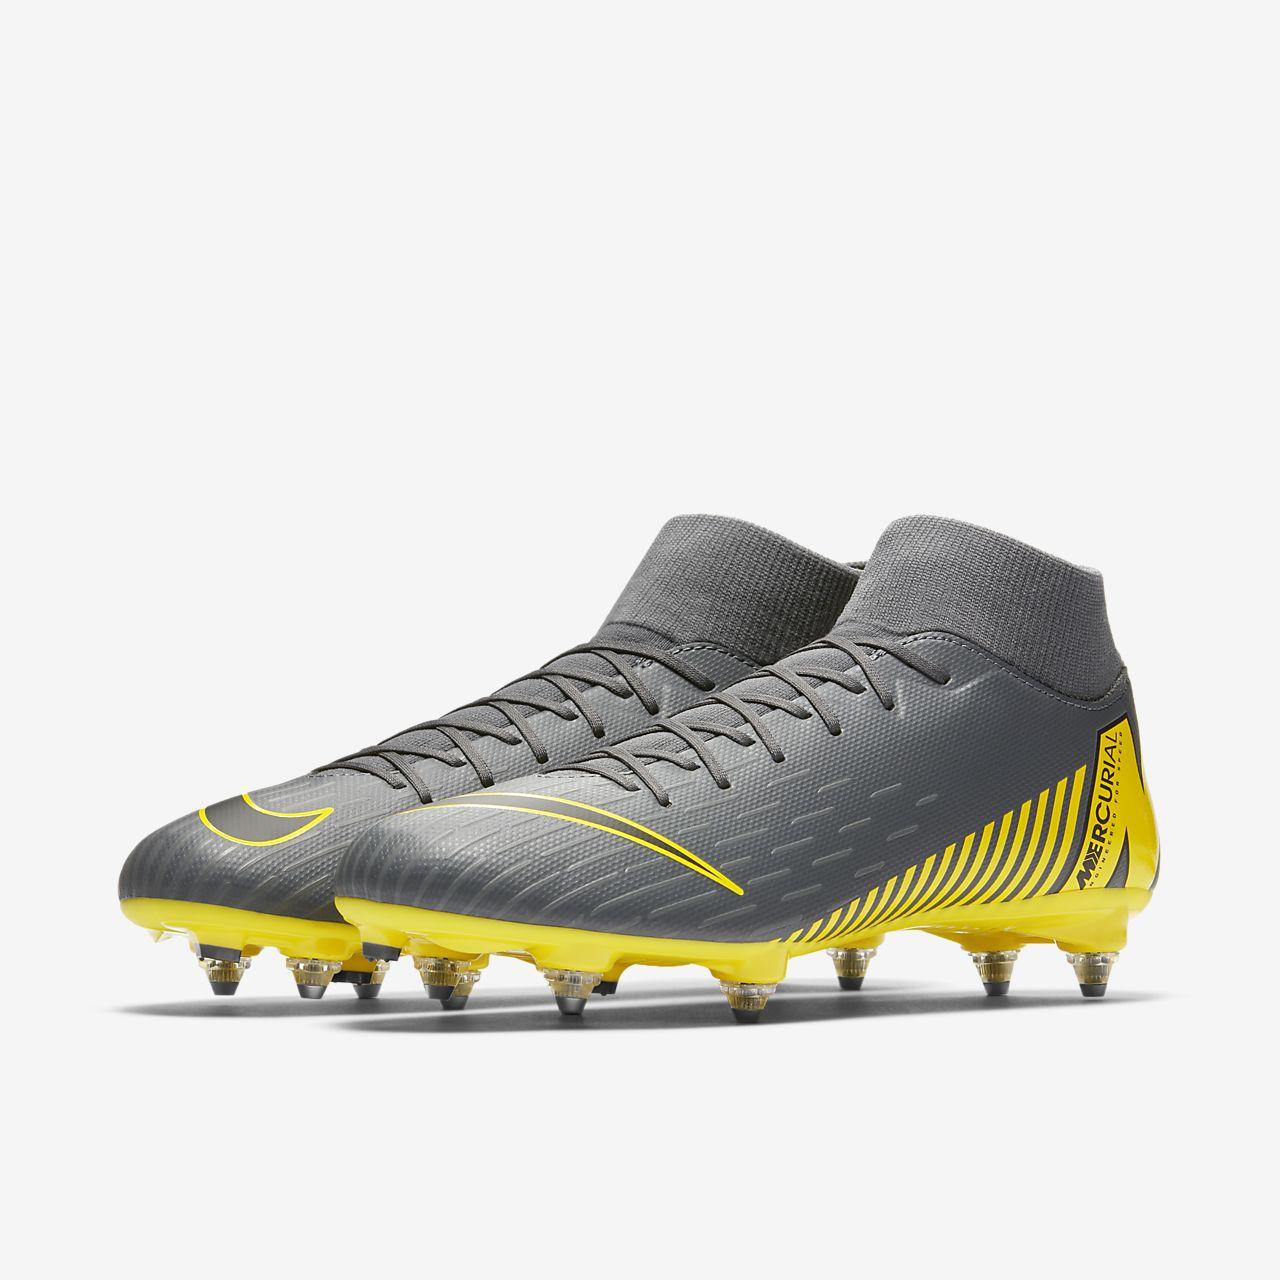 9be7248736170 ... Nike Mercurial Superfly VI Academy SG-PRO Botas de fútbol para terreno  blando